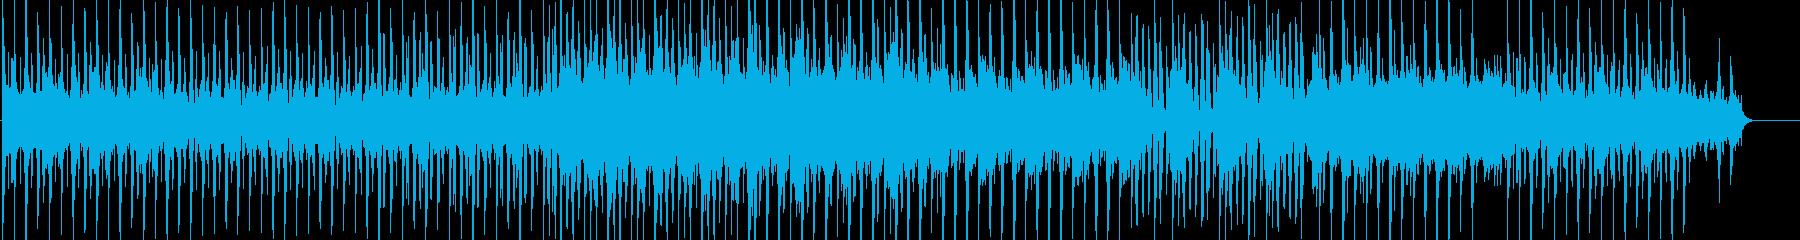 シンプルでリズミカルなエレクトロニカの再生済みの波形